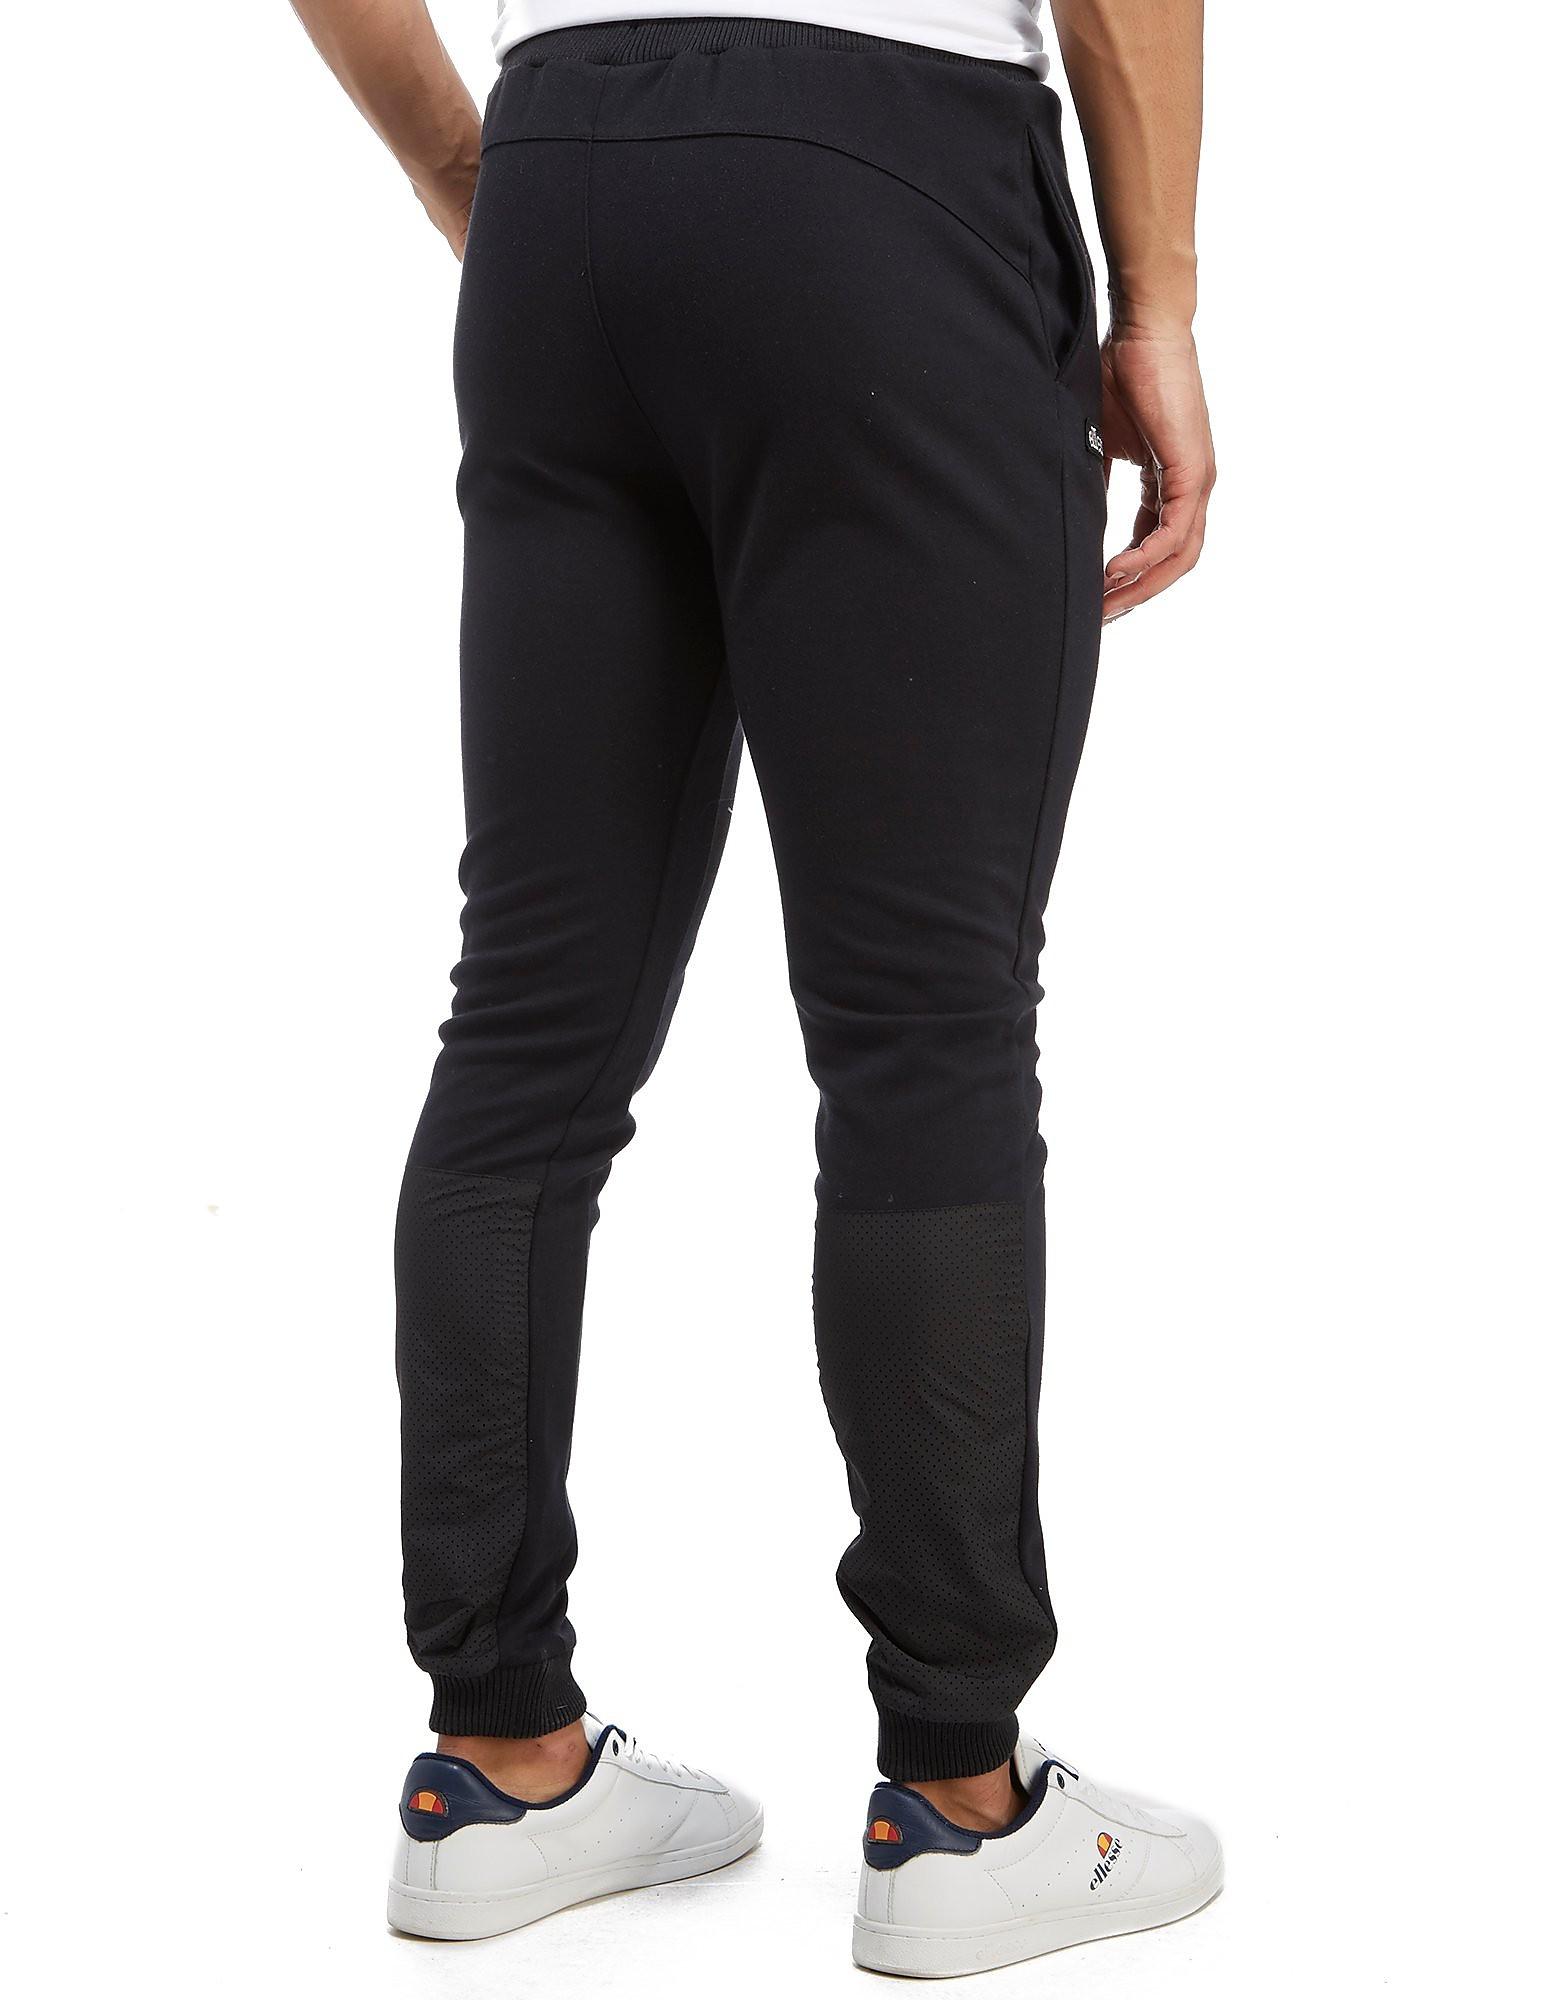 Ellesse Helios Perforated Pants